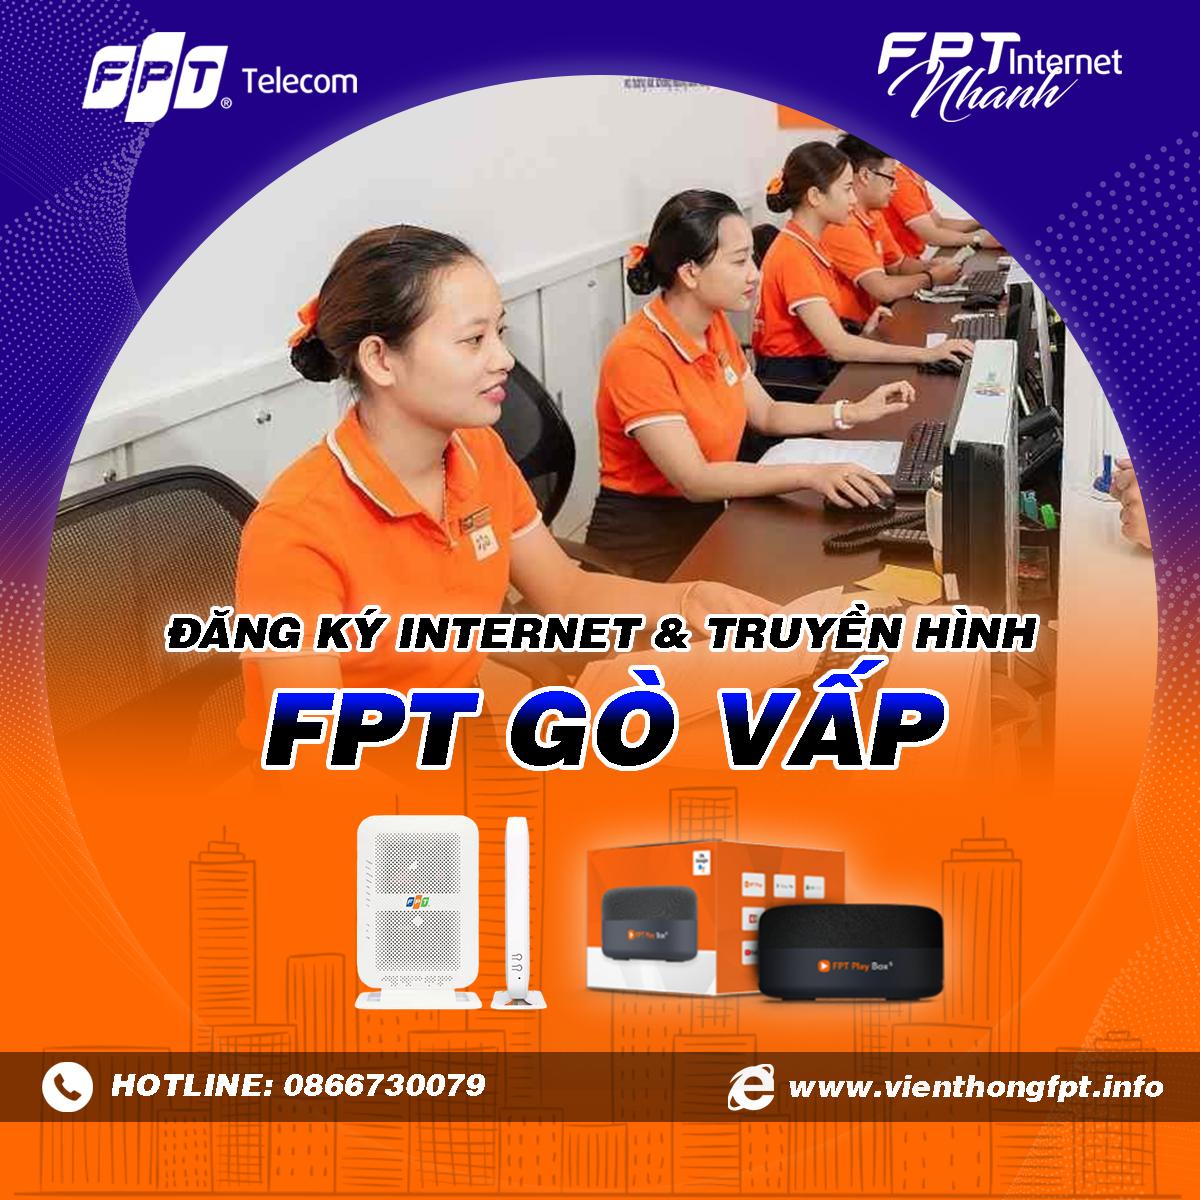 Tổng đài FPT Gò Vấp - Đăng ký Internet và Truyền hình FPT